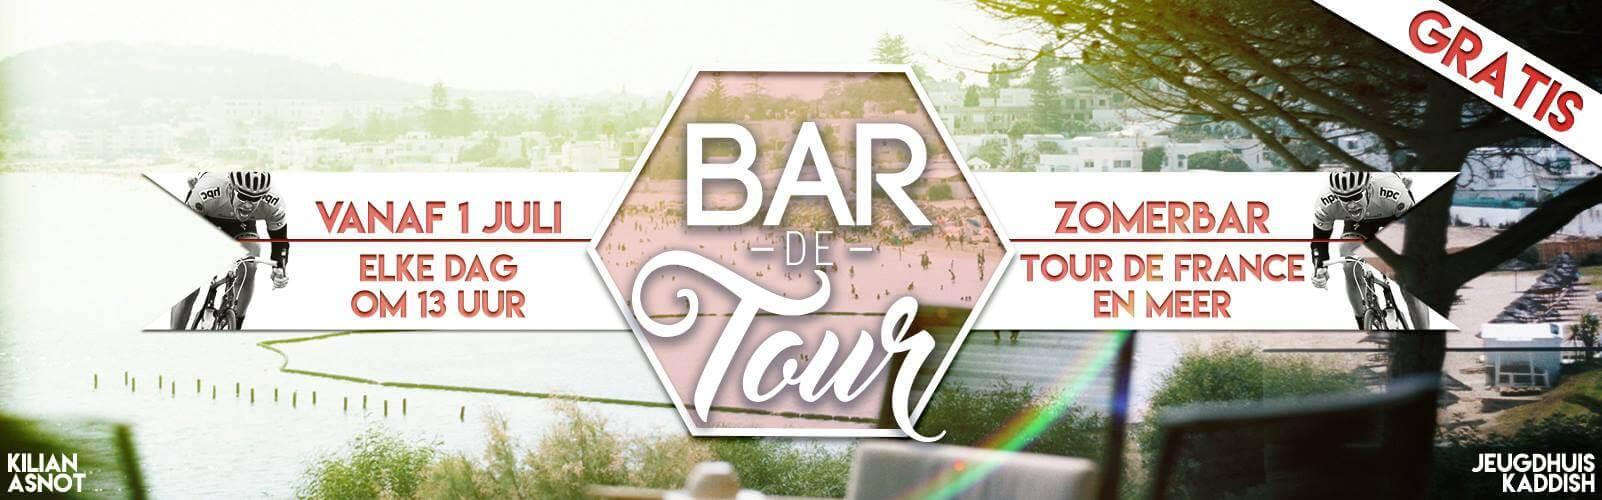 Sfeerbeeld Bar De Tour